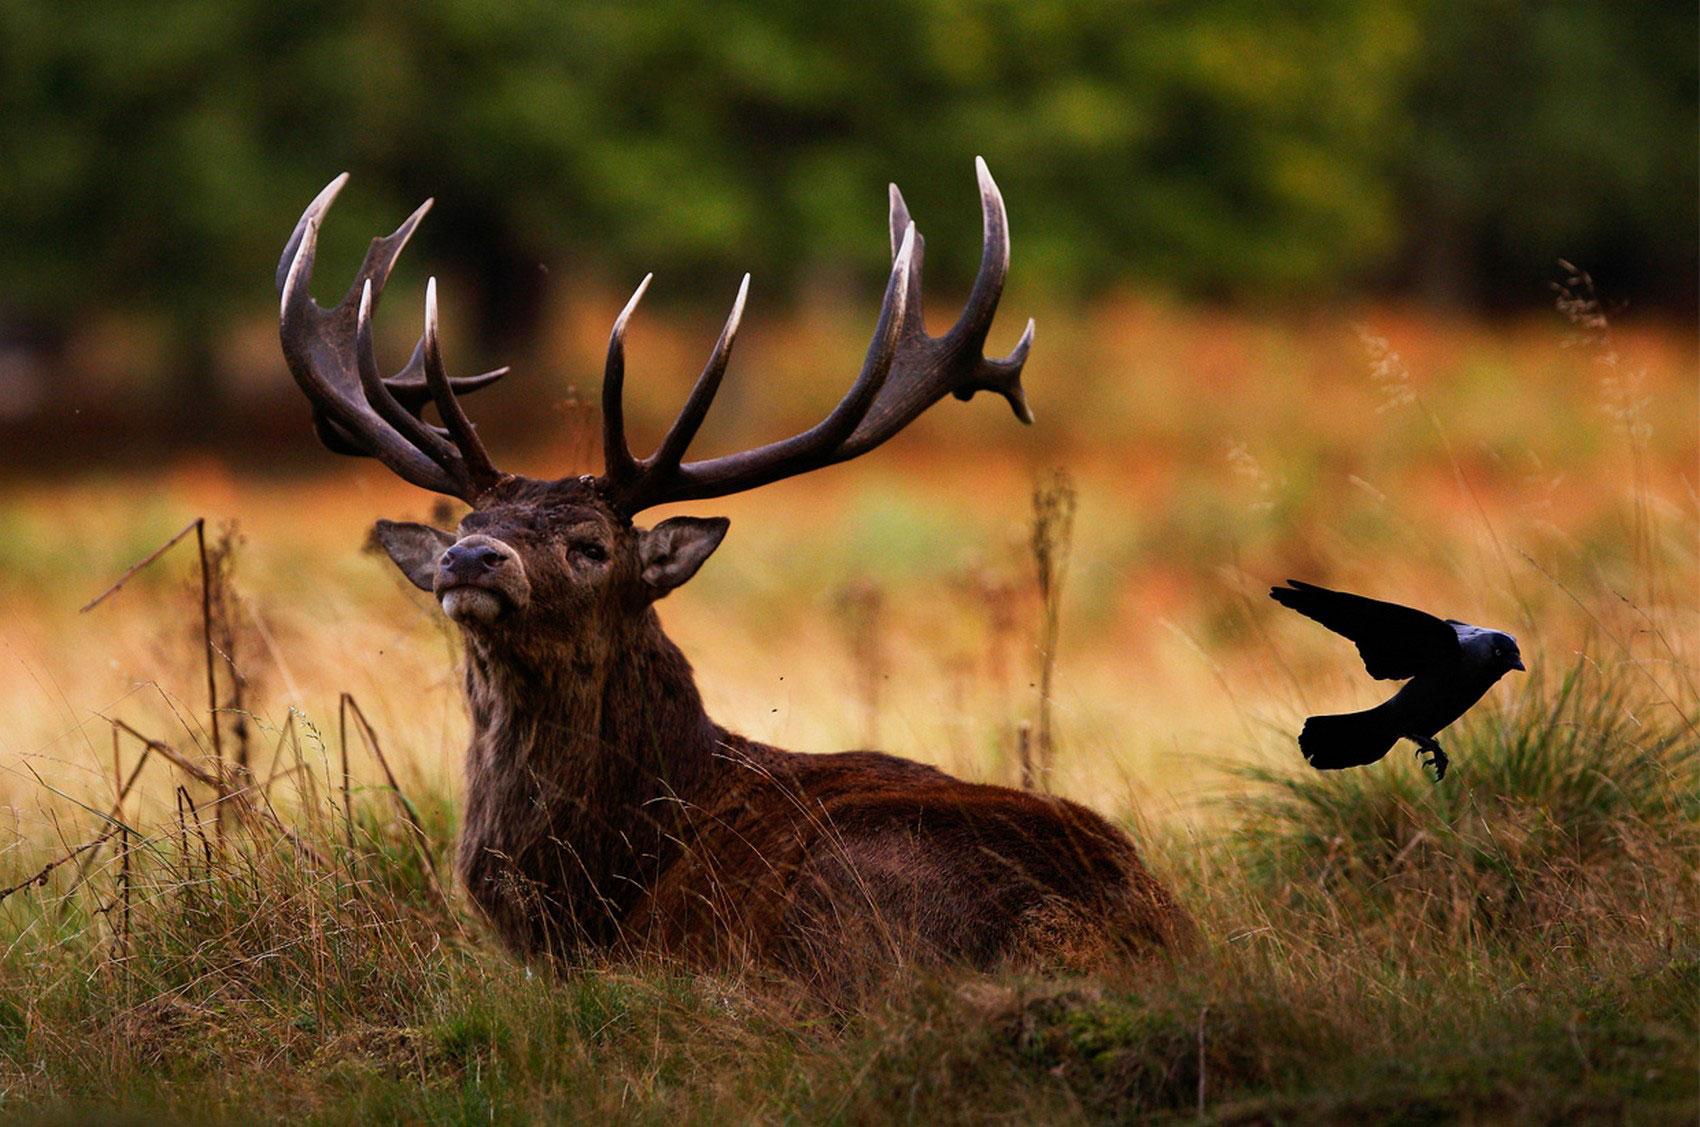 олень с птицей, фото